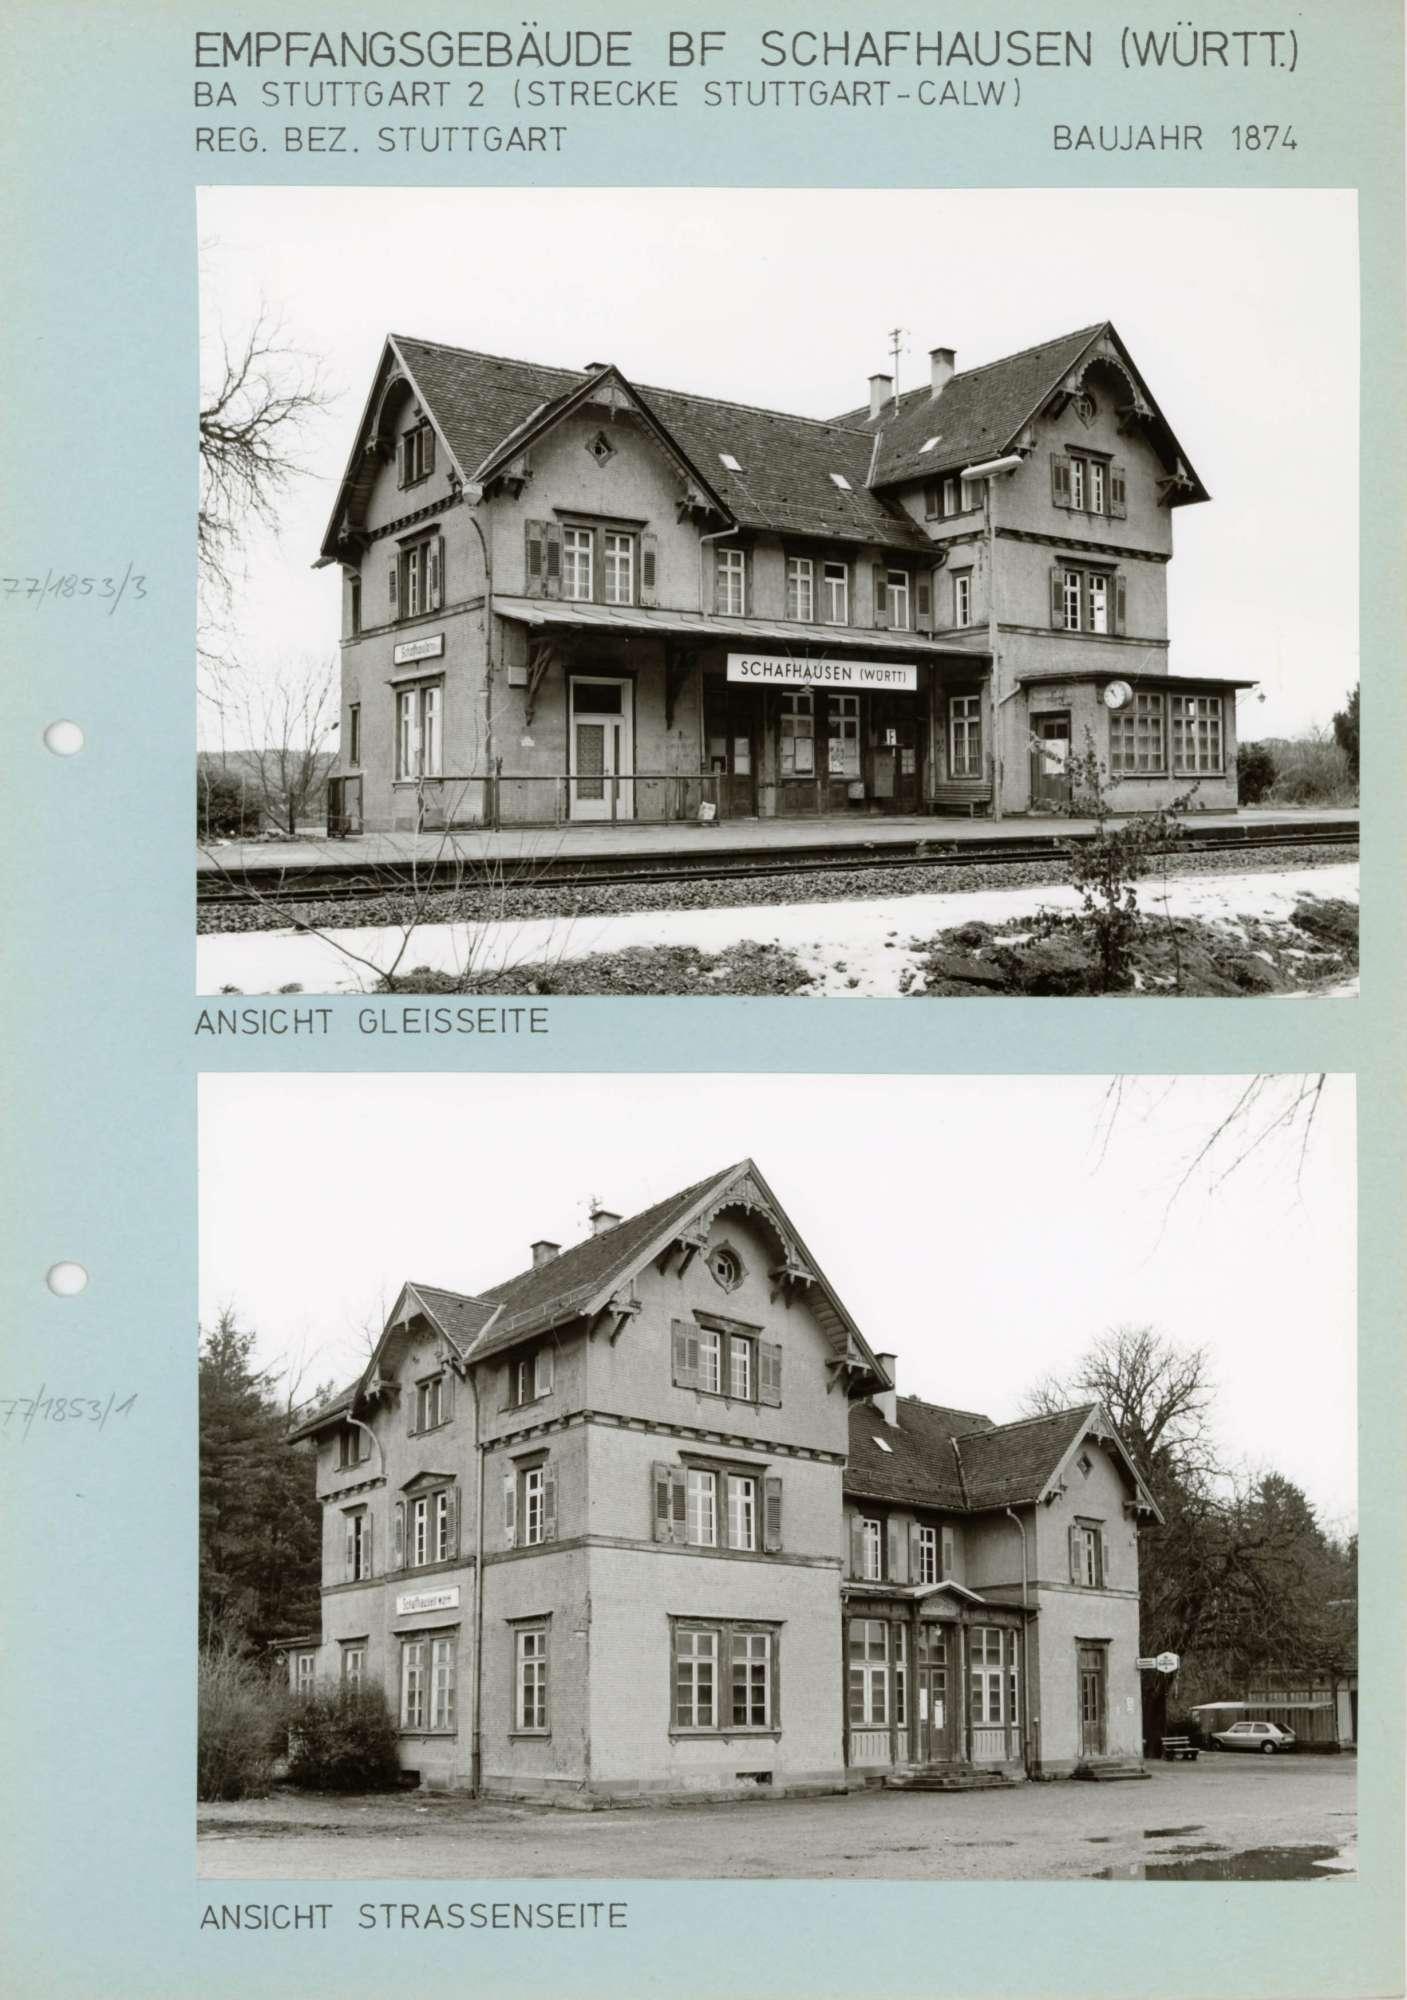 Schafhausen: 4 Fotos, Bild 1